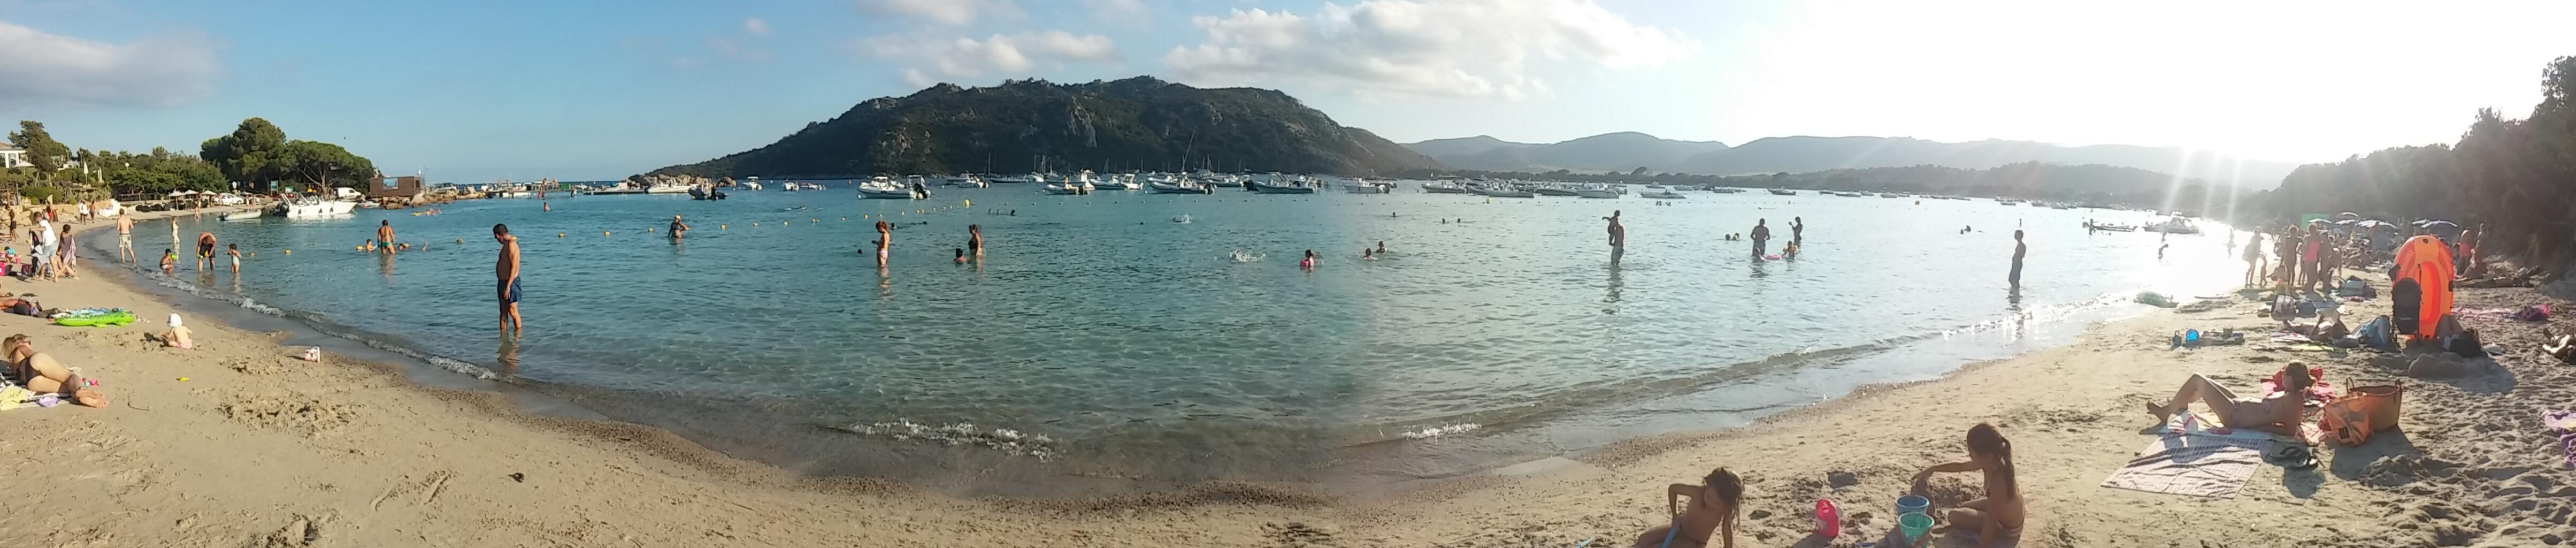 playa-santa-giulia-panoramica-corcega